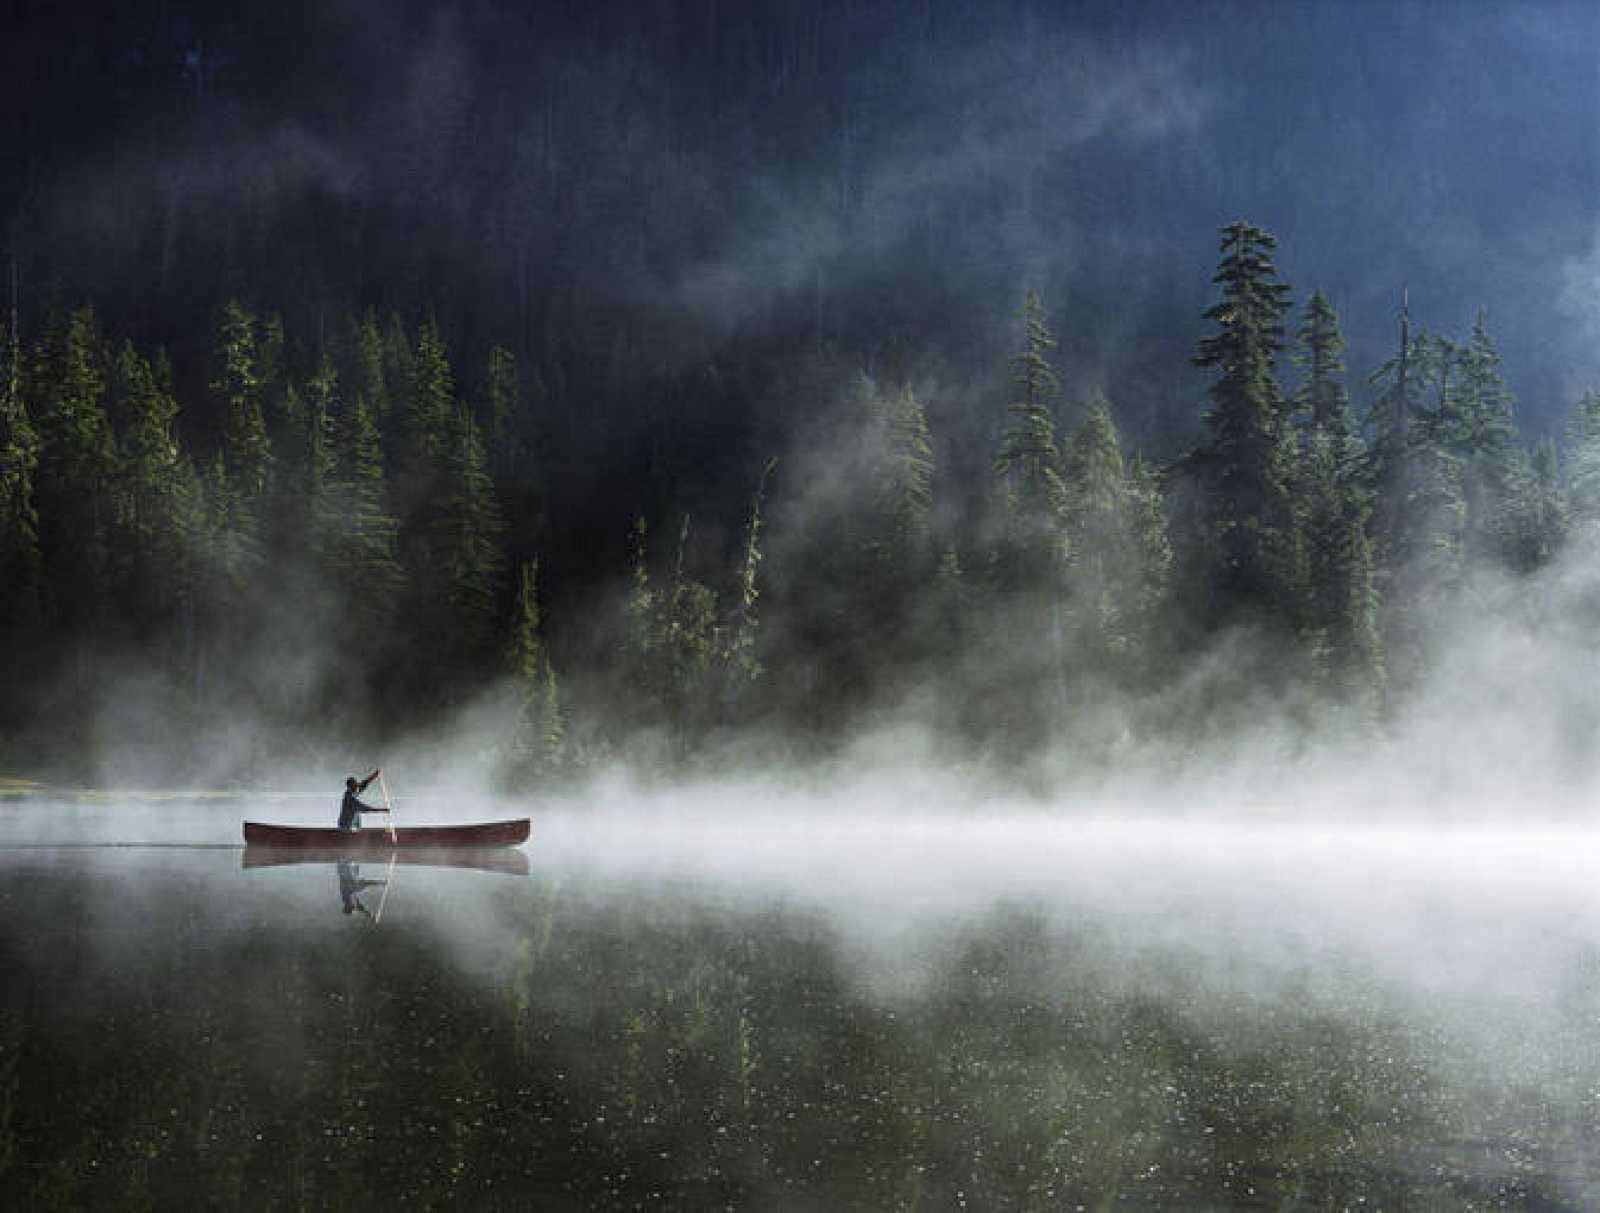 La niebla es muy frecuente en los lagos, sobre todo en otoño, cuando el agua de las superficie aún mantiene el calor del verano. Sobre este agua se desliza una masa de aire más frío, que condensa el vapor de agua presente en la zona y forma la niebl